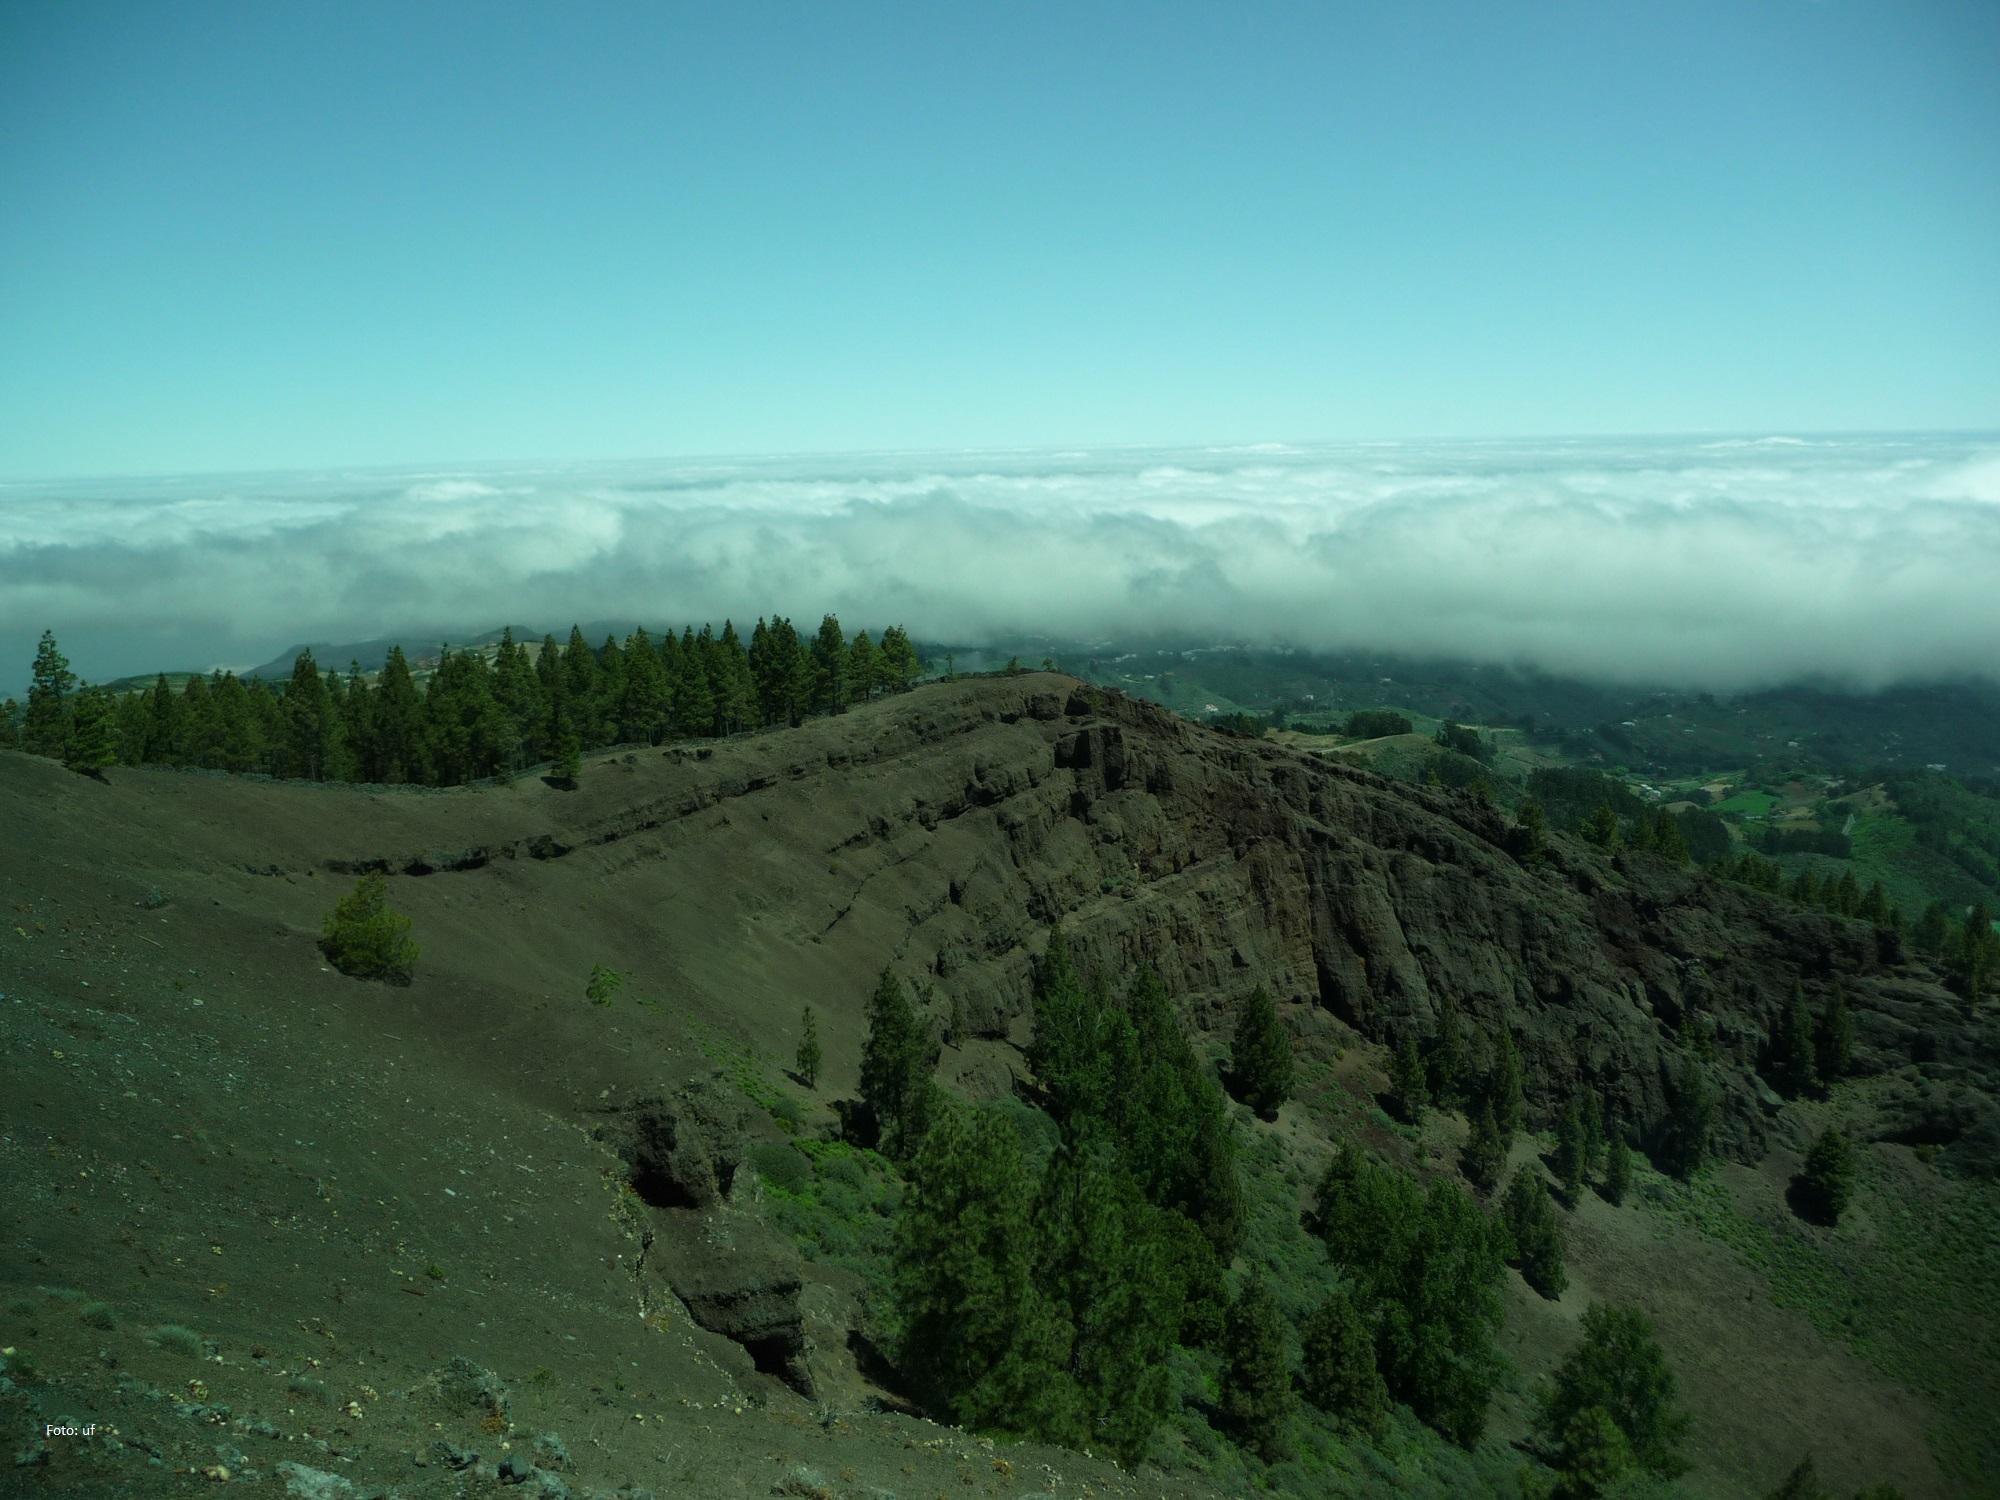 Die Feuchtigkeit der Passatwinde sind die Ursache eines grüneren Norden.